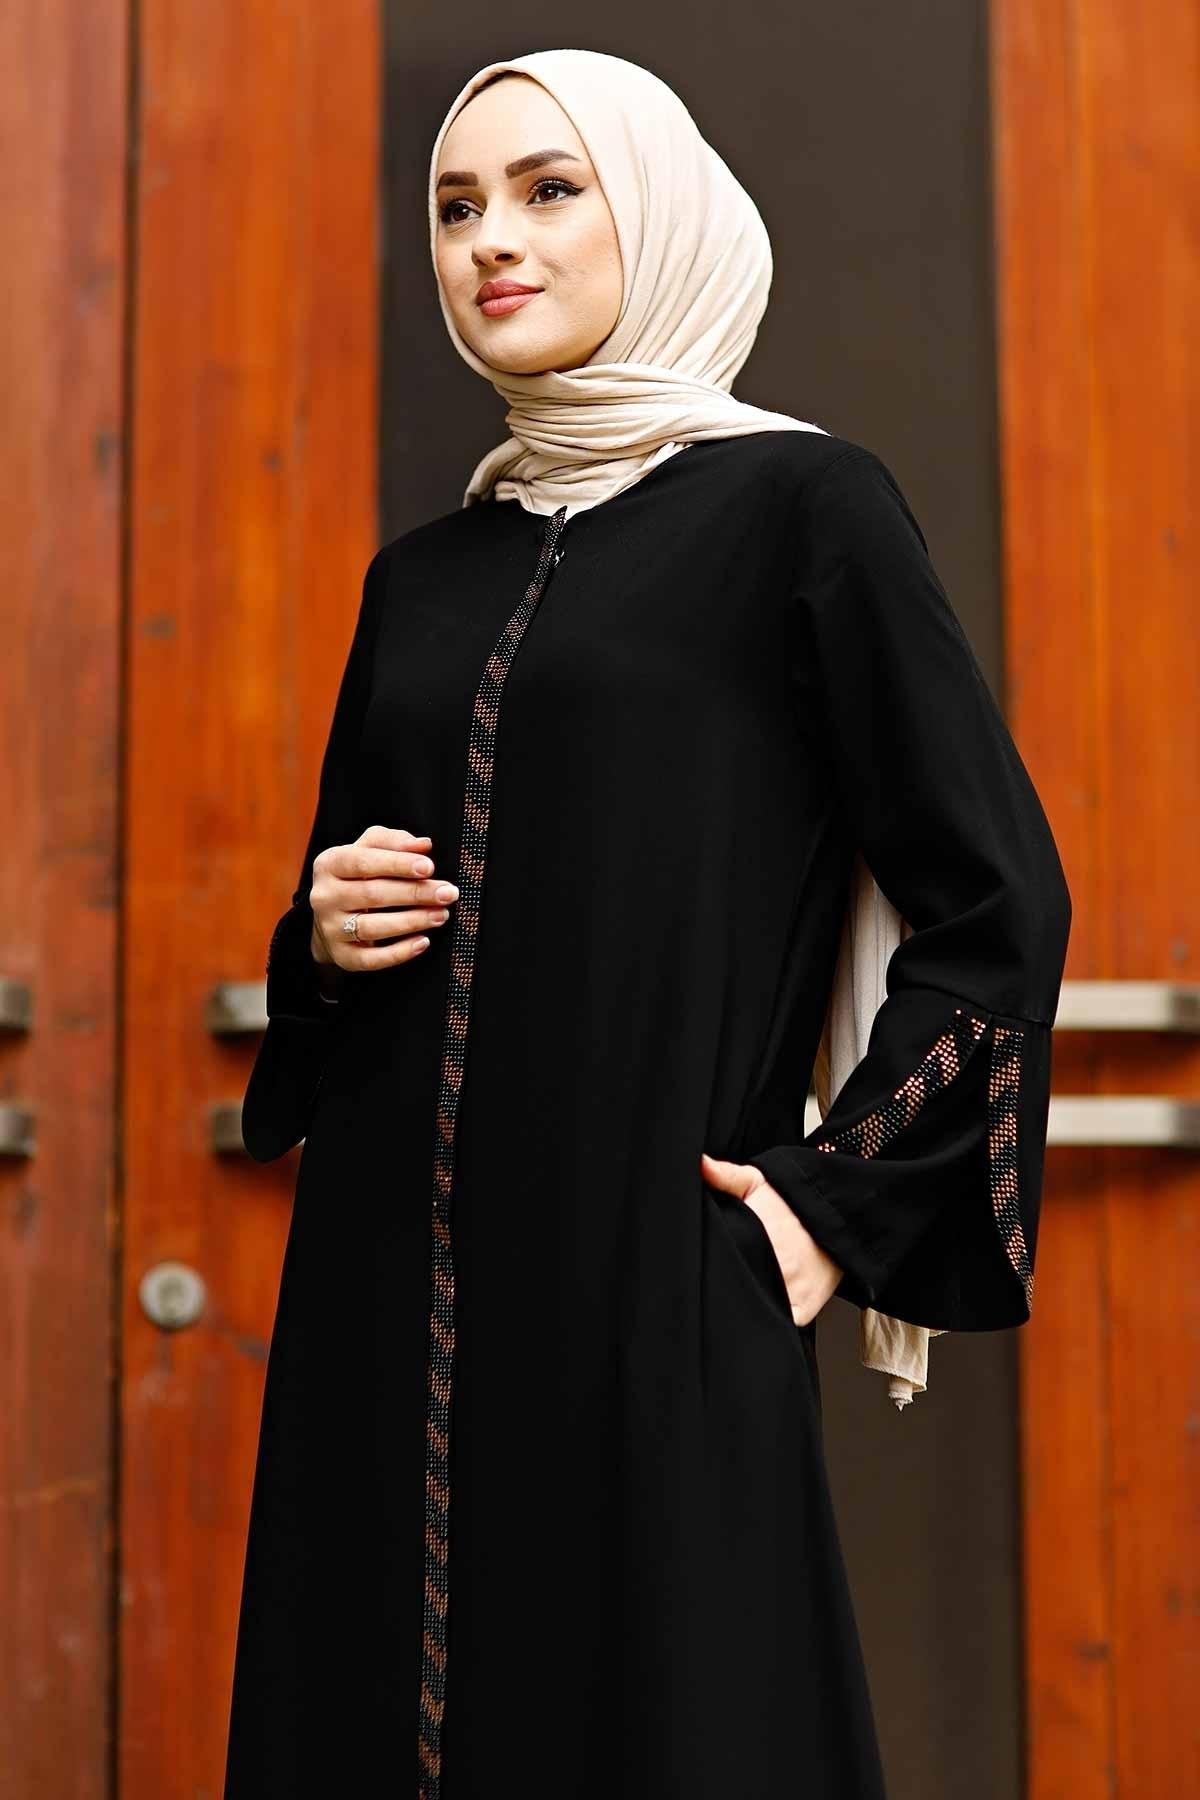 الجبهة انغلق الأسلحة عباءة الحجر تركيا مسلم موضة ملابس الإسلام دبي اسطنبول istanbulstyle 2021